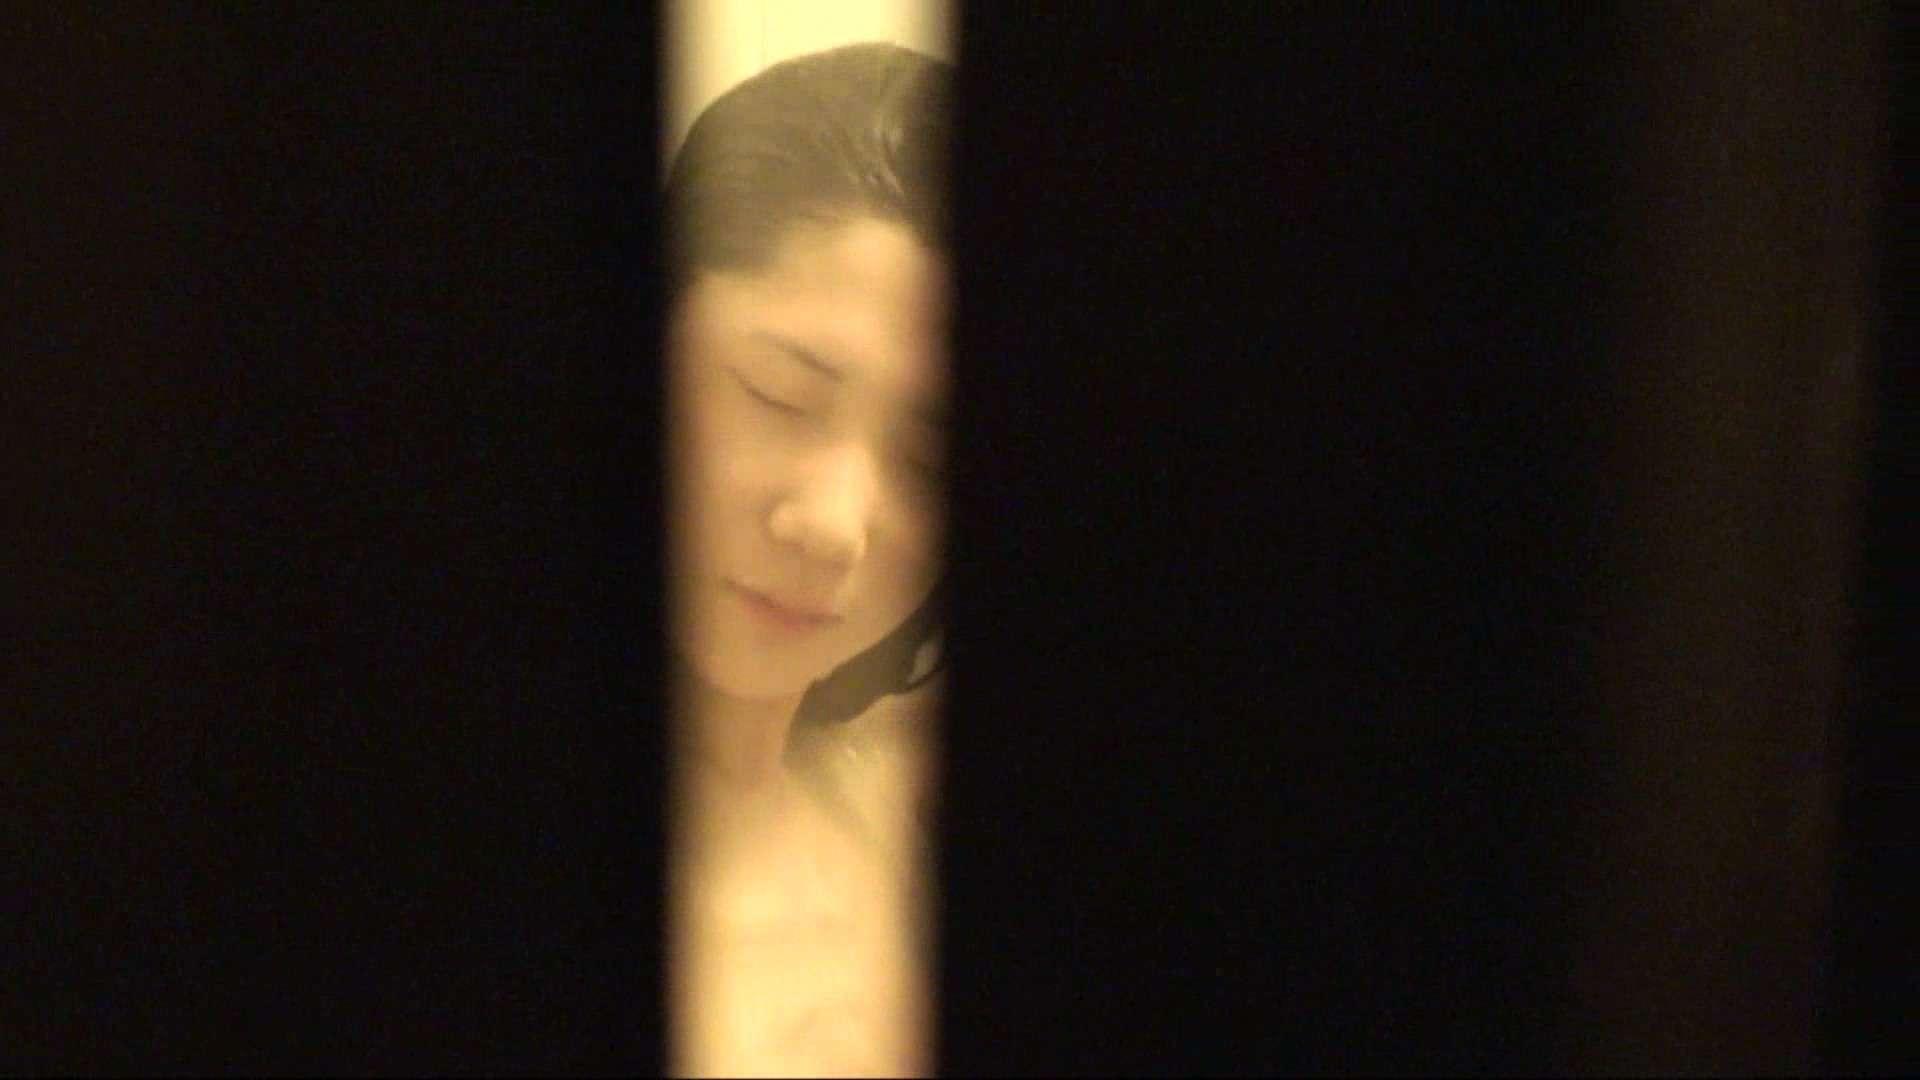 vol.02超可愛すぎる彼女の裸体をハイビジョンで!至近距離での眺め最高! 盗撮 AV動画キャプチャ 103pic 43